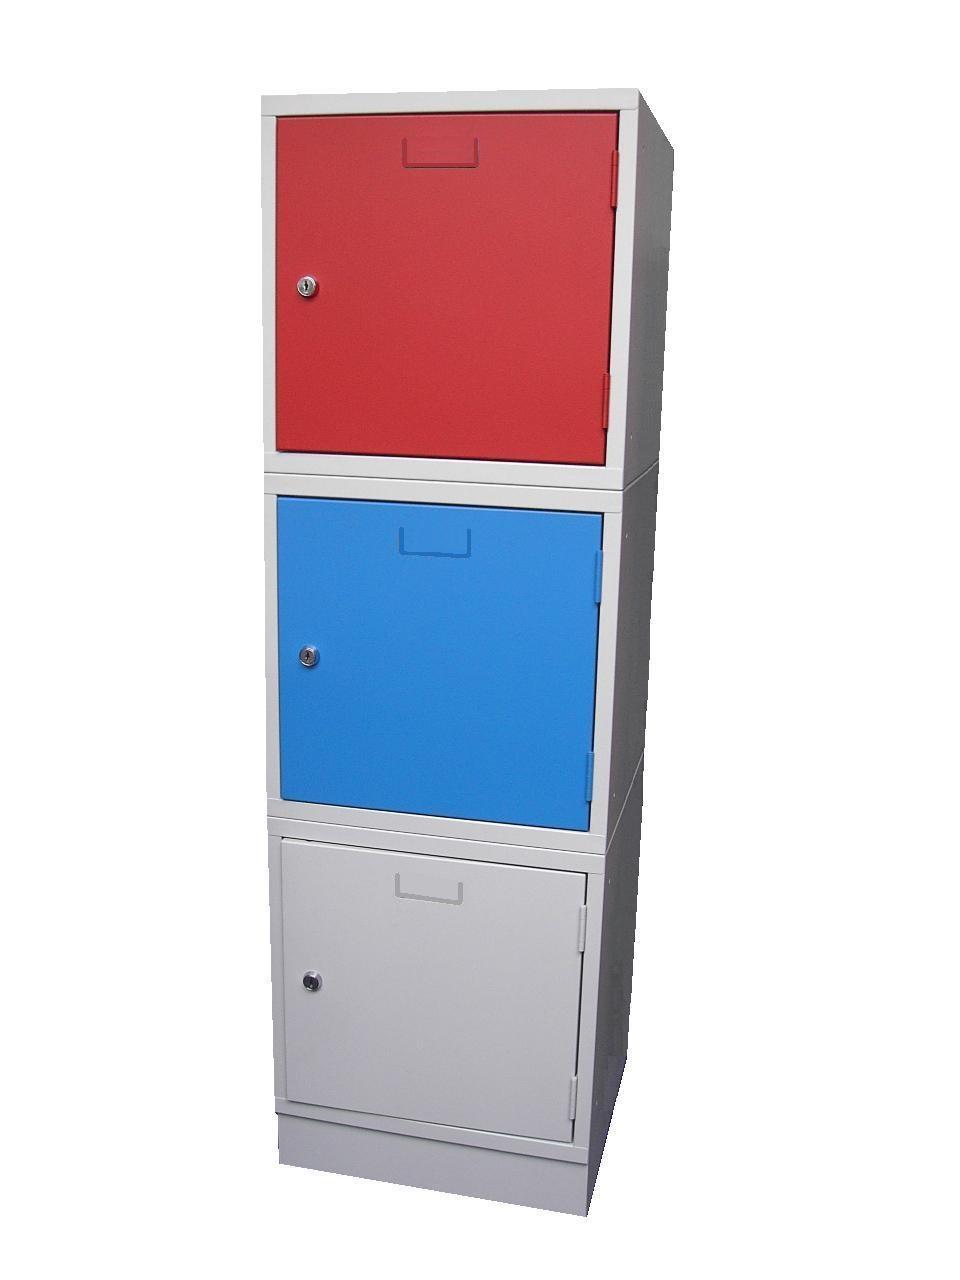 Lockerkast 1 Deurs 38 x 38 x 38 in 3 kleur combinaties